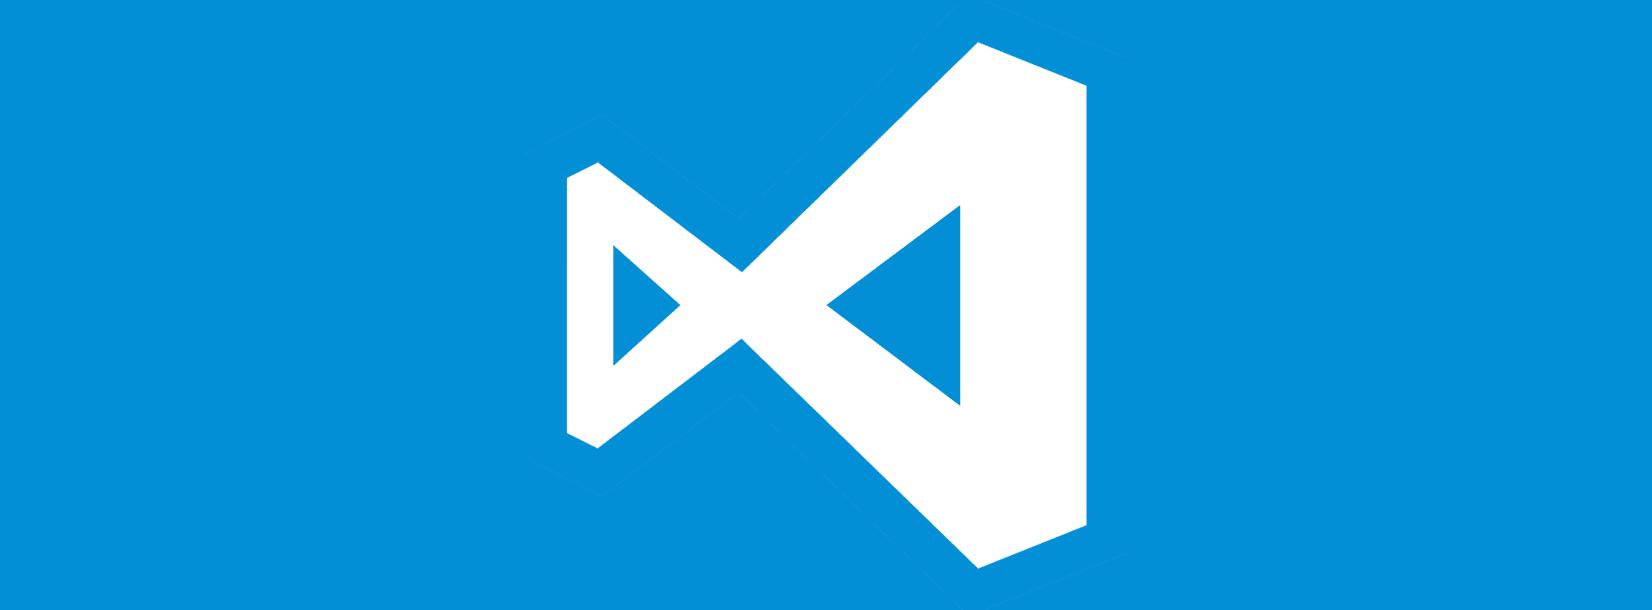 VS Code Preferences